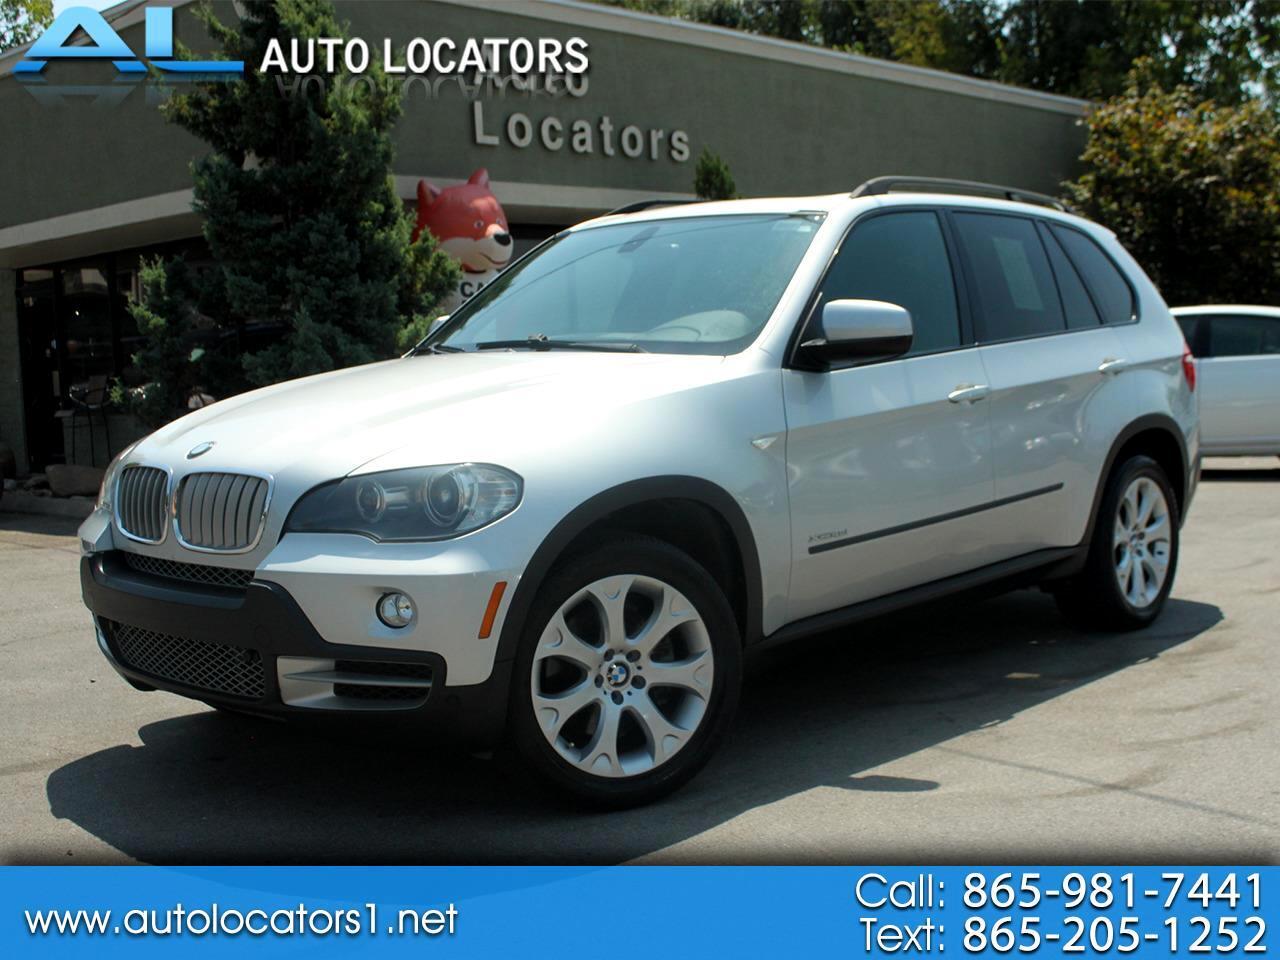 2009 BMW X5 AWD 4dr 48i